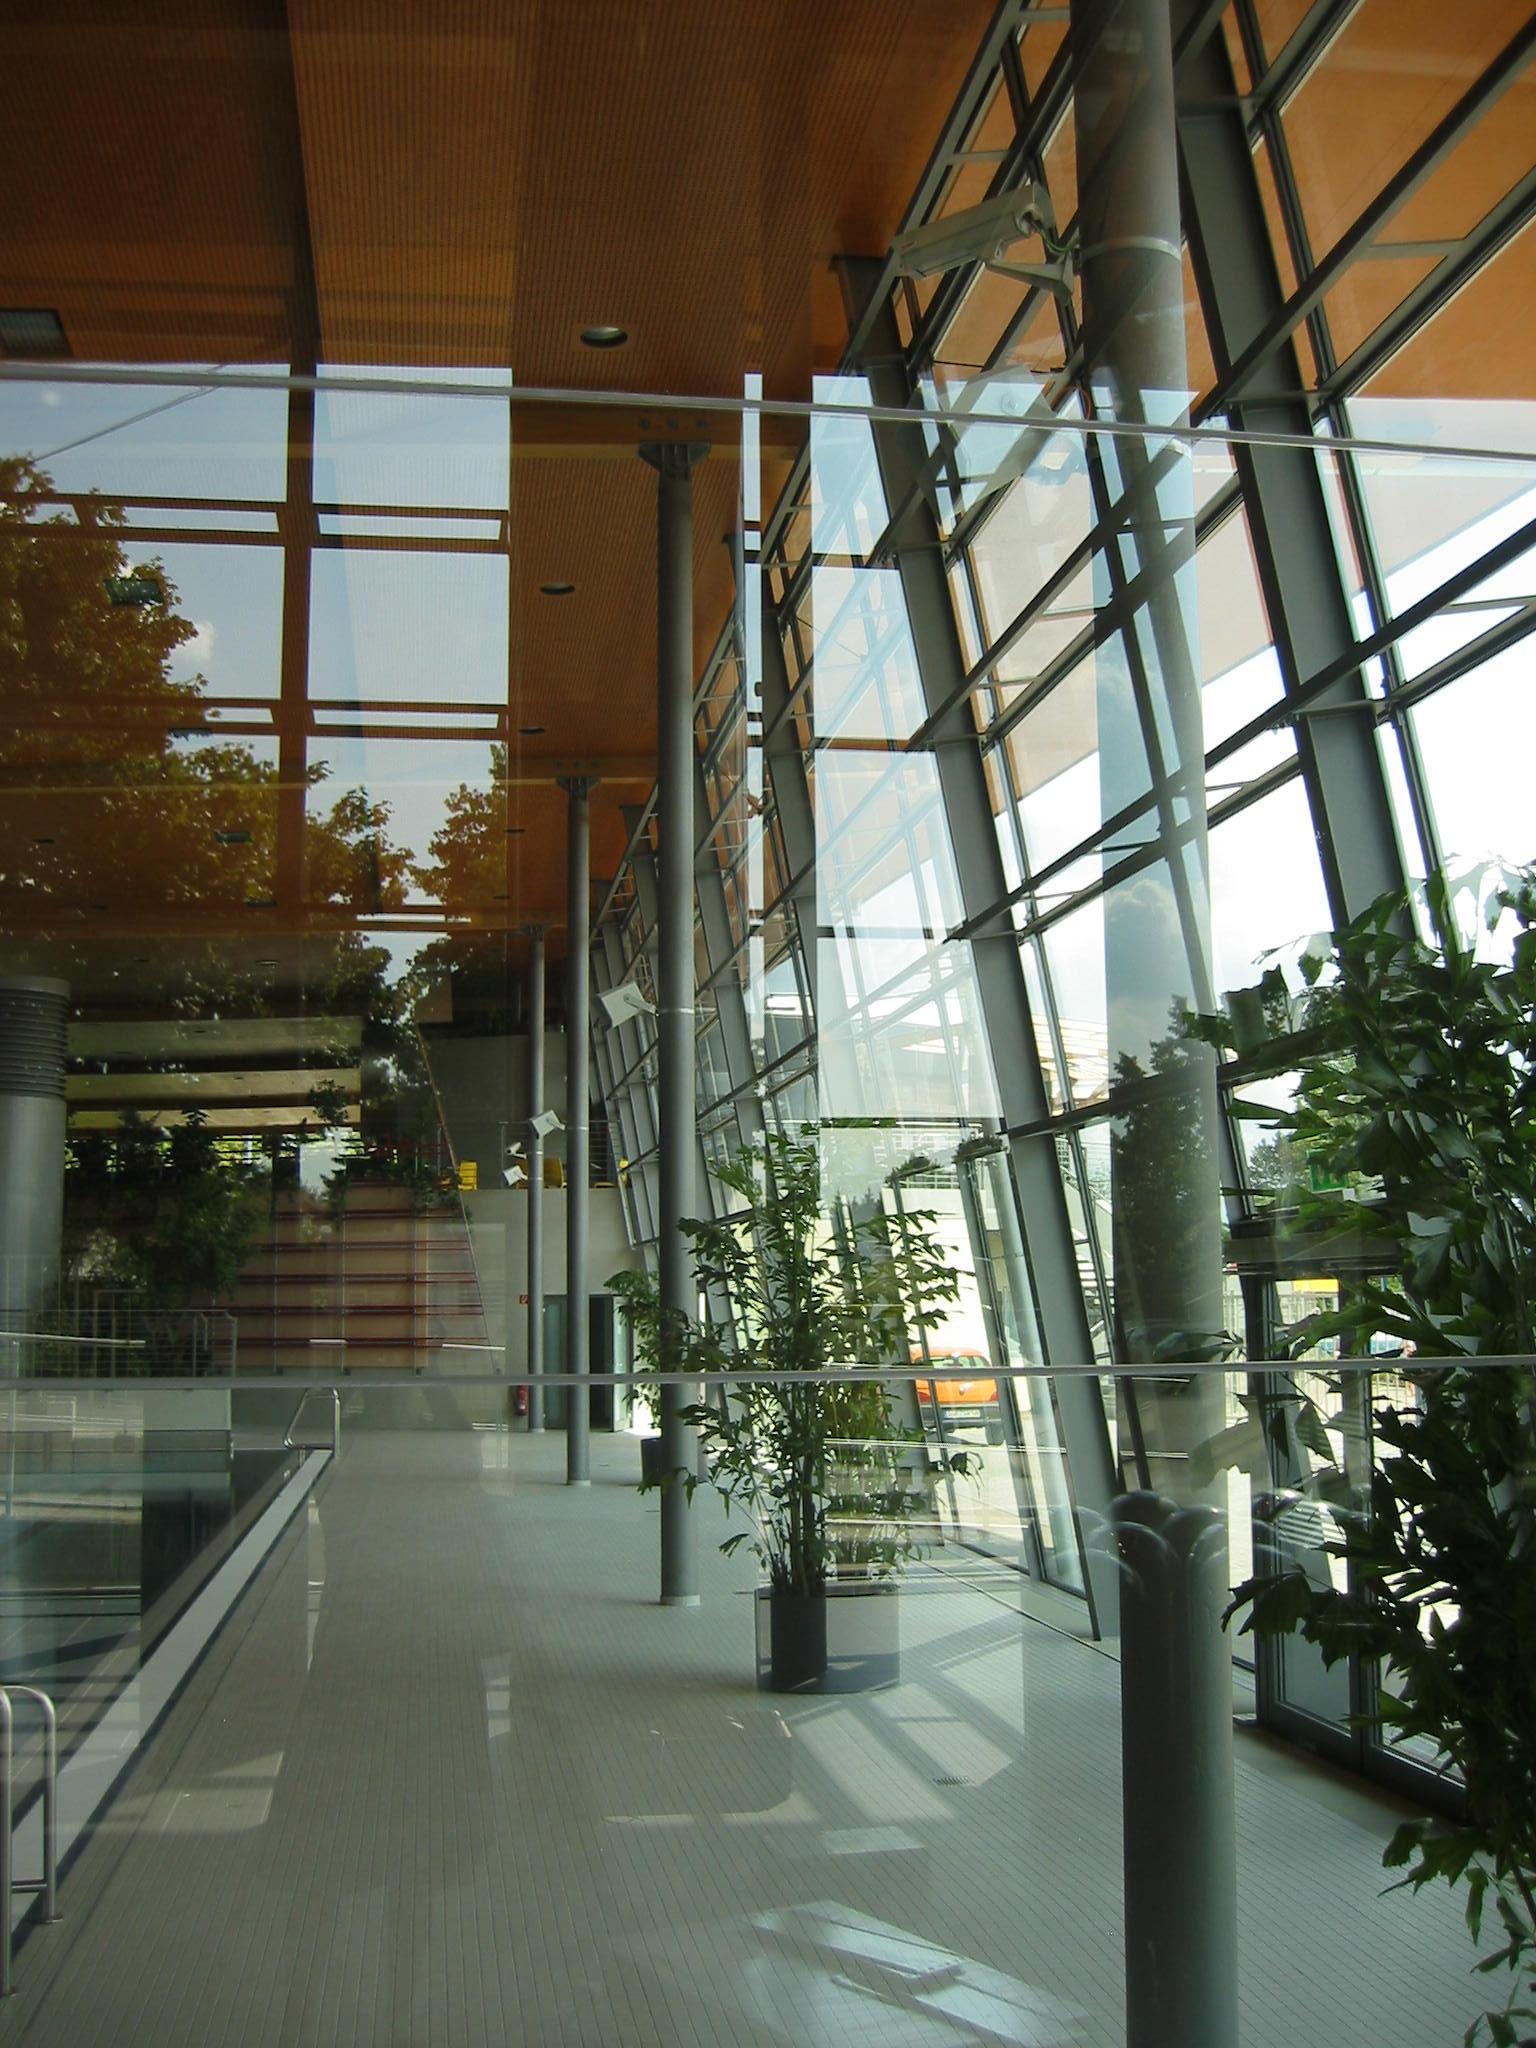 Berwanger architektur hallenbad das blau - Schwimmbad architektur ...